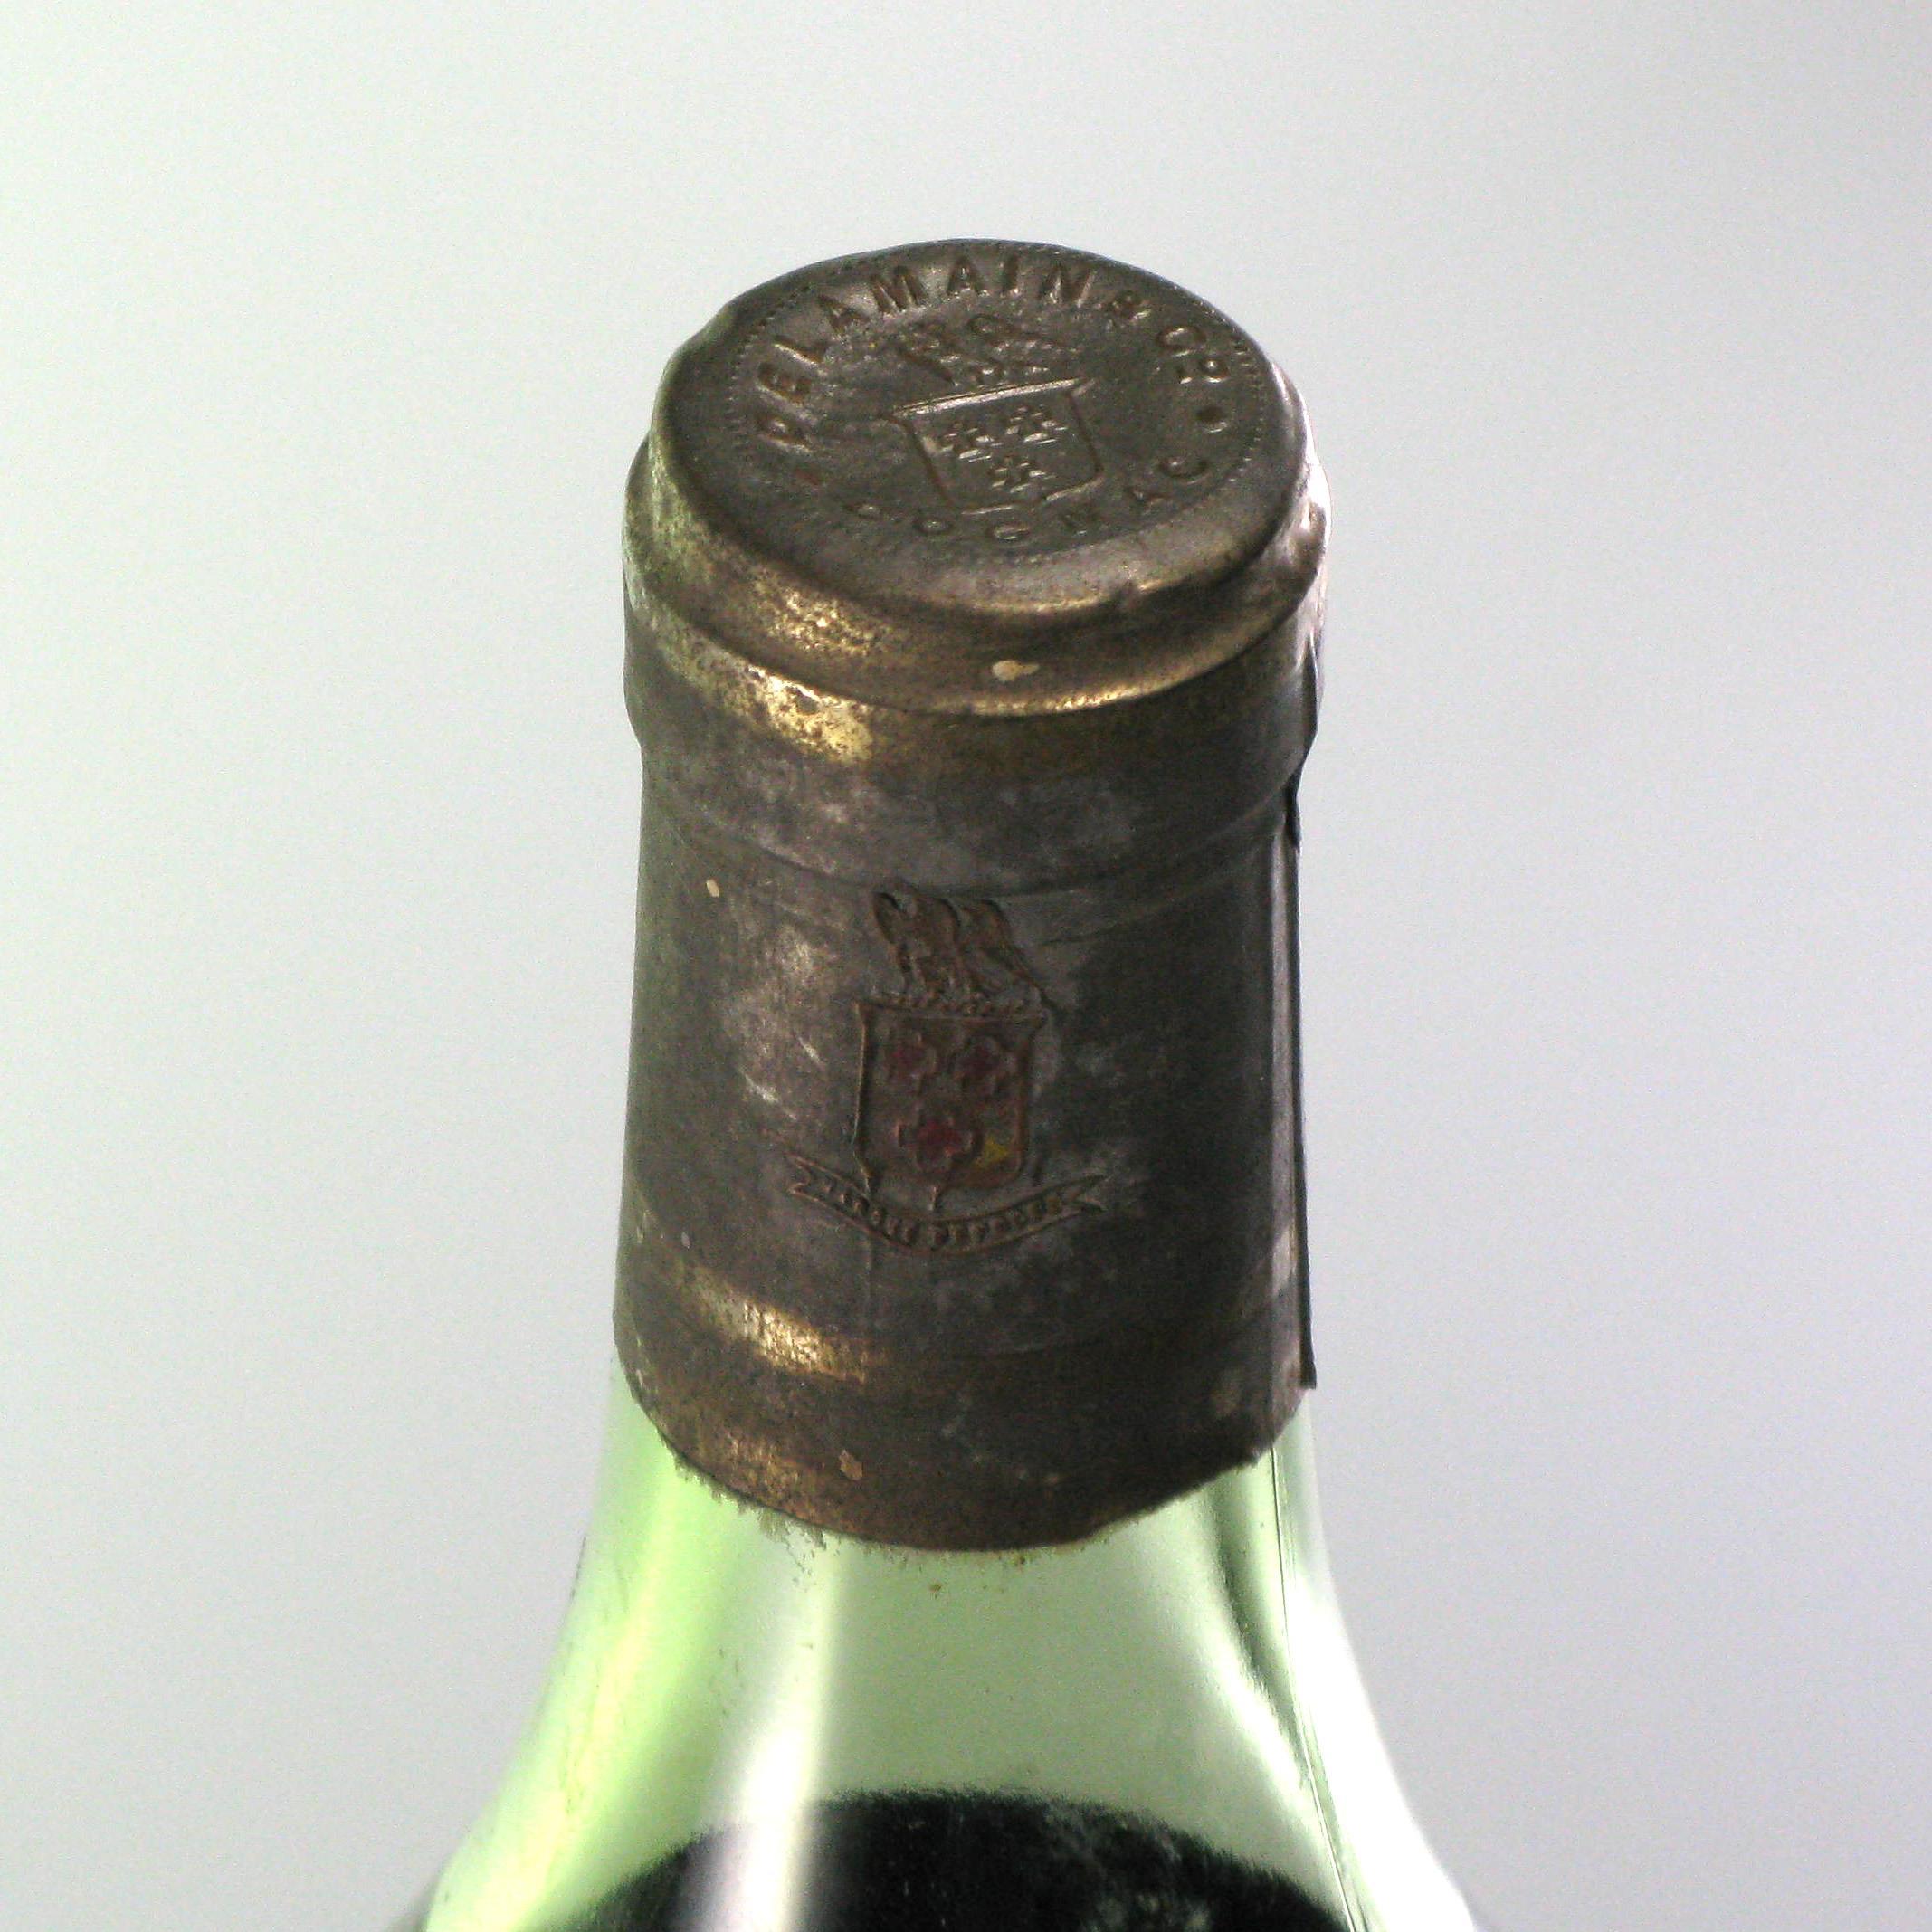 Cognac 1878 Delamain